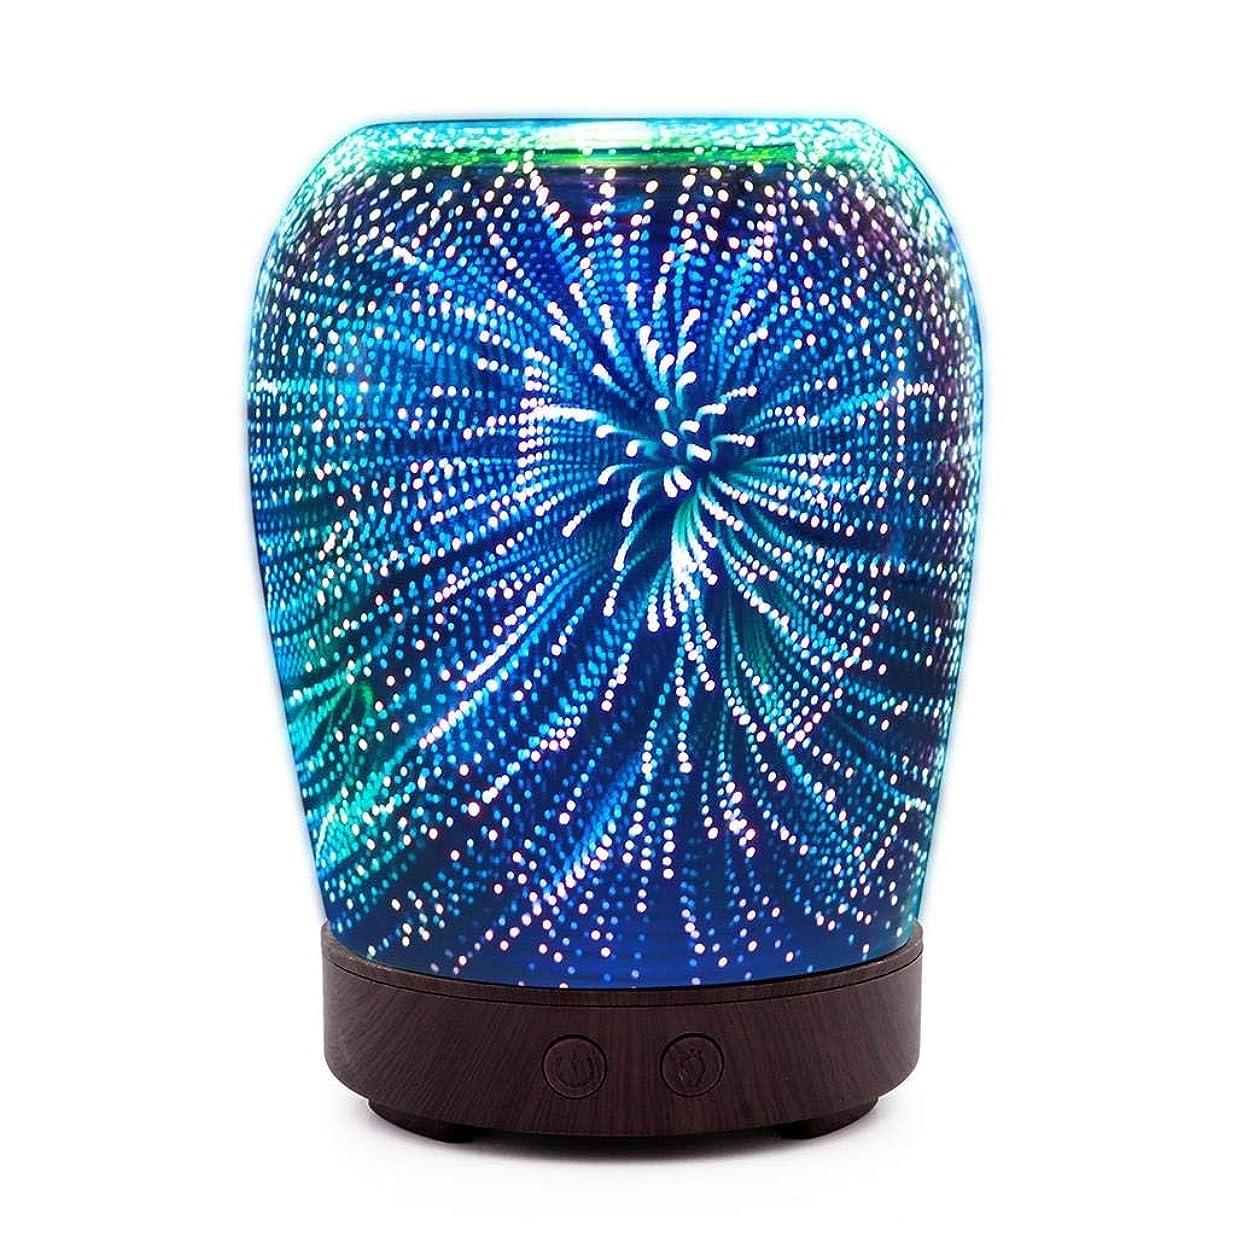 失業者泥だらけたくさんの芳香 拡張器 清涼 薄霧 加湿器 アロマディフューザー 車内や家庭で使用 (Color : Fireworks)